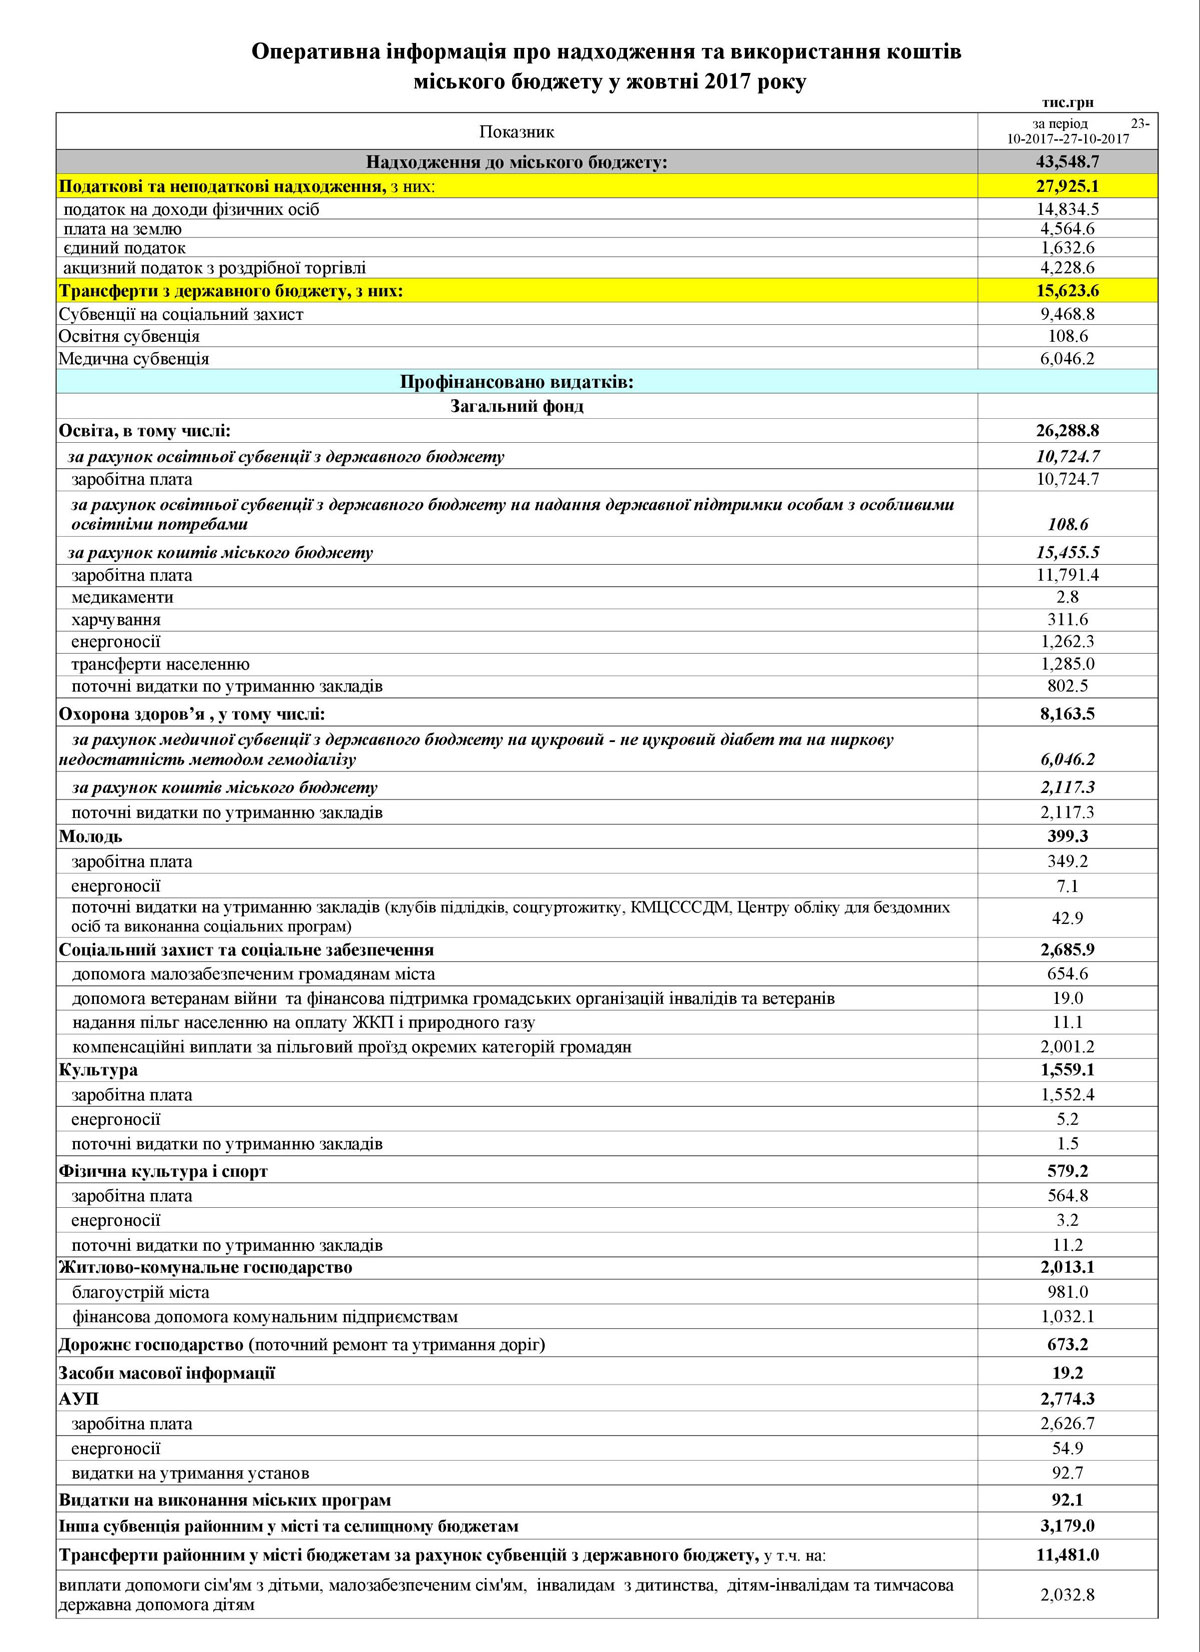 Без Купюр Як міська рада Кропивницького витрачала бюджет у жовтні. ДОКУМЕНТ Життя  Кропивницький ЖКГ бюджет